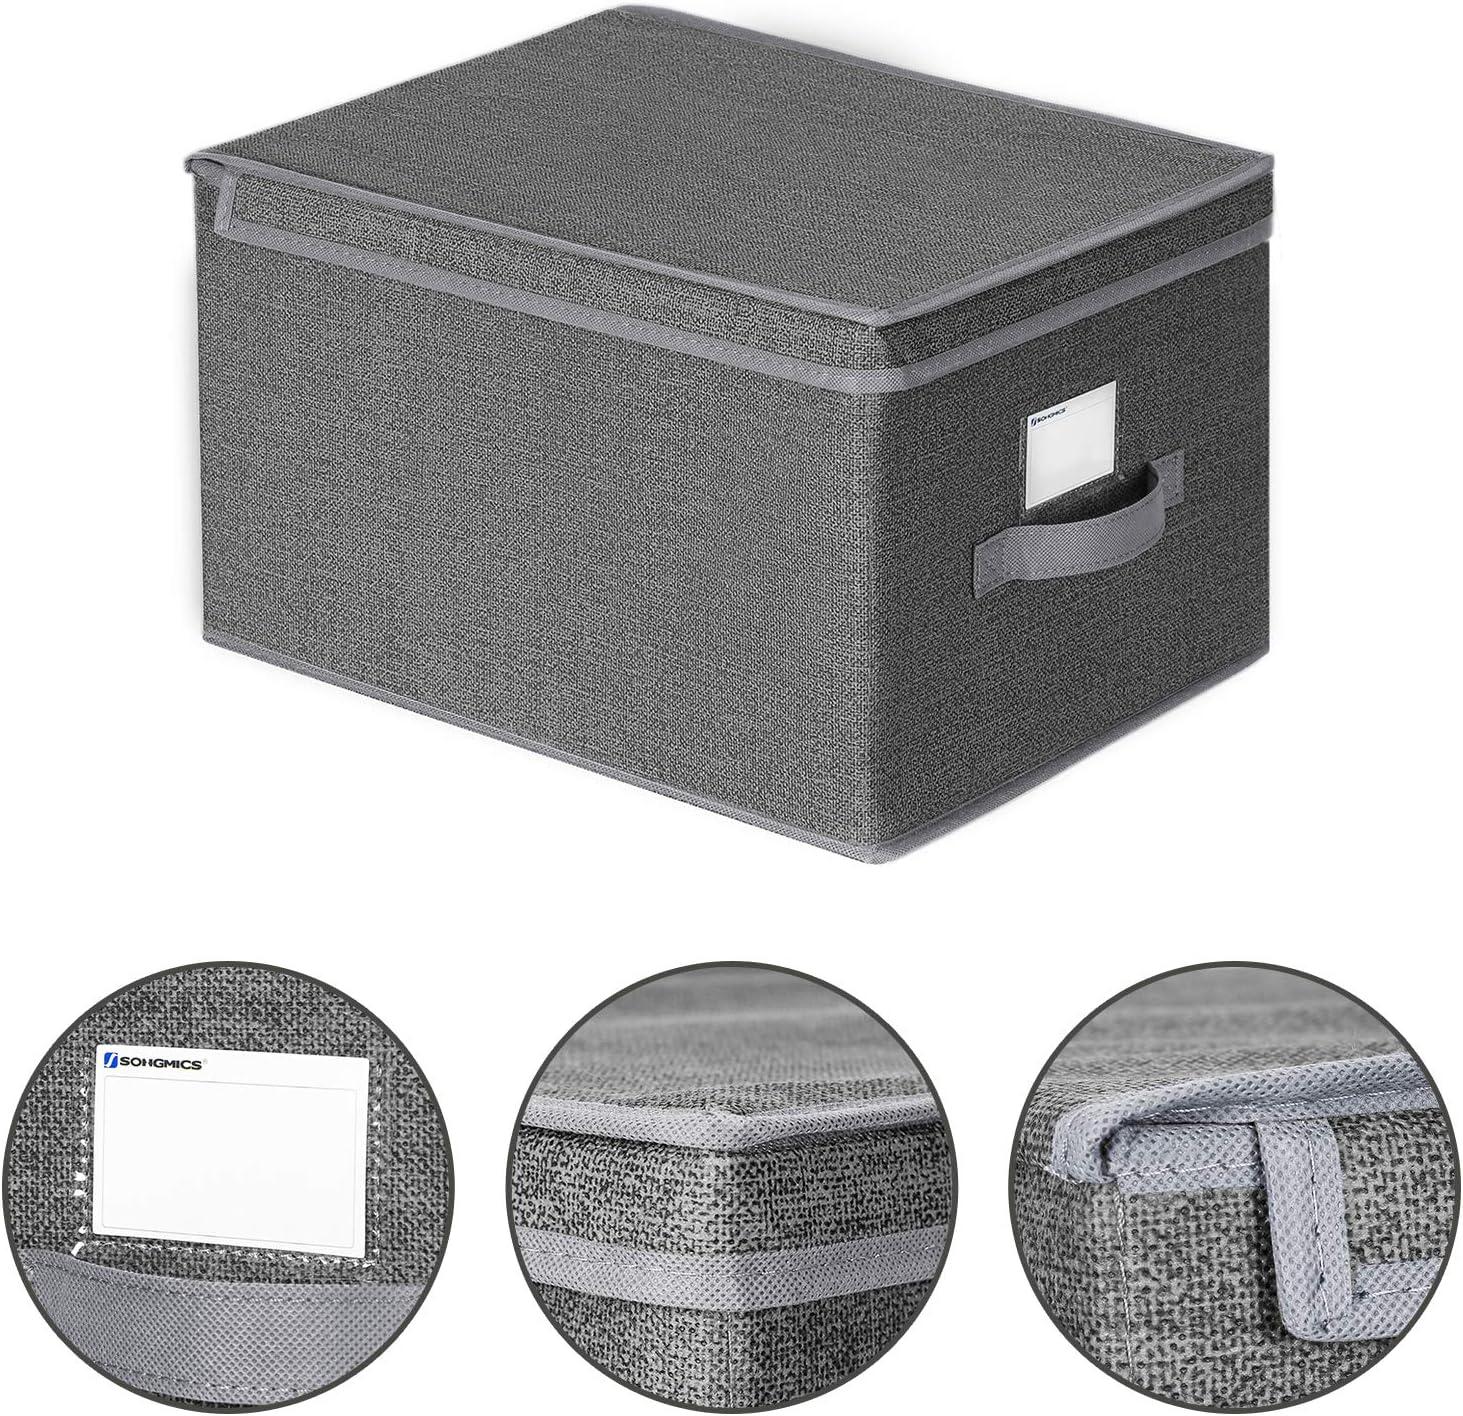 30 x 40 x 25 cm Gris Ahumado RYFB03G Cajas de Almacenaje de Tela con Portaetiquetas SONGMICS Juego de 3 Cajas Plegables con Tapas